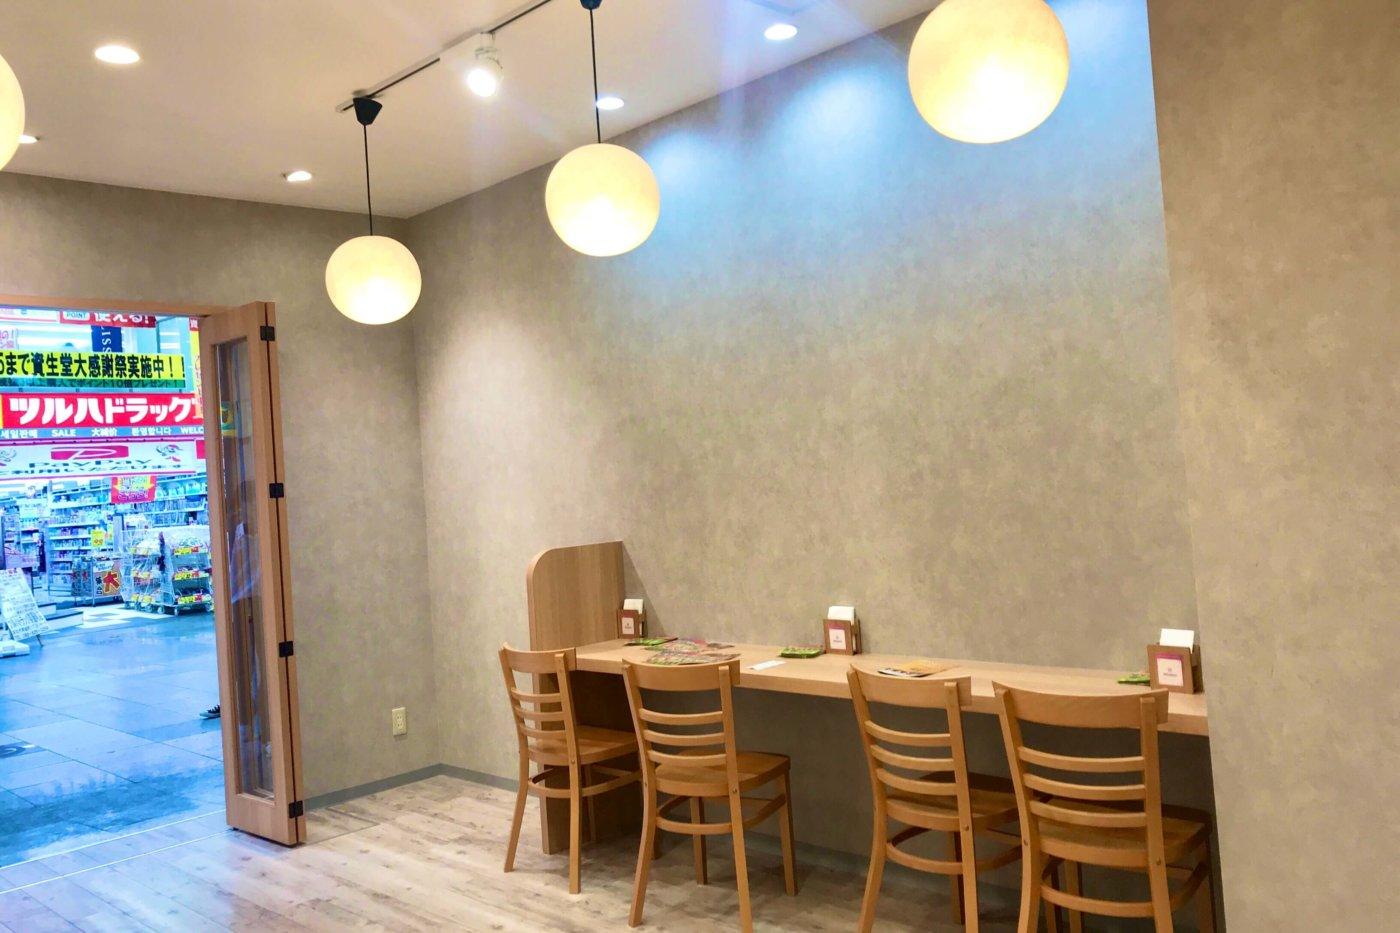 国産茶葉専門店タピオカMOCHA(モチャ)高知店 内観 イートインスペース